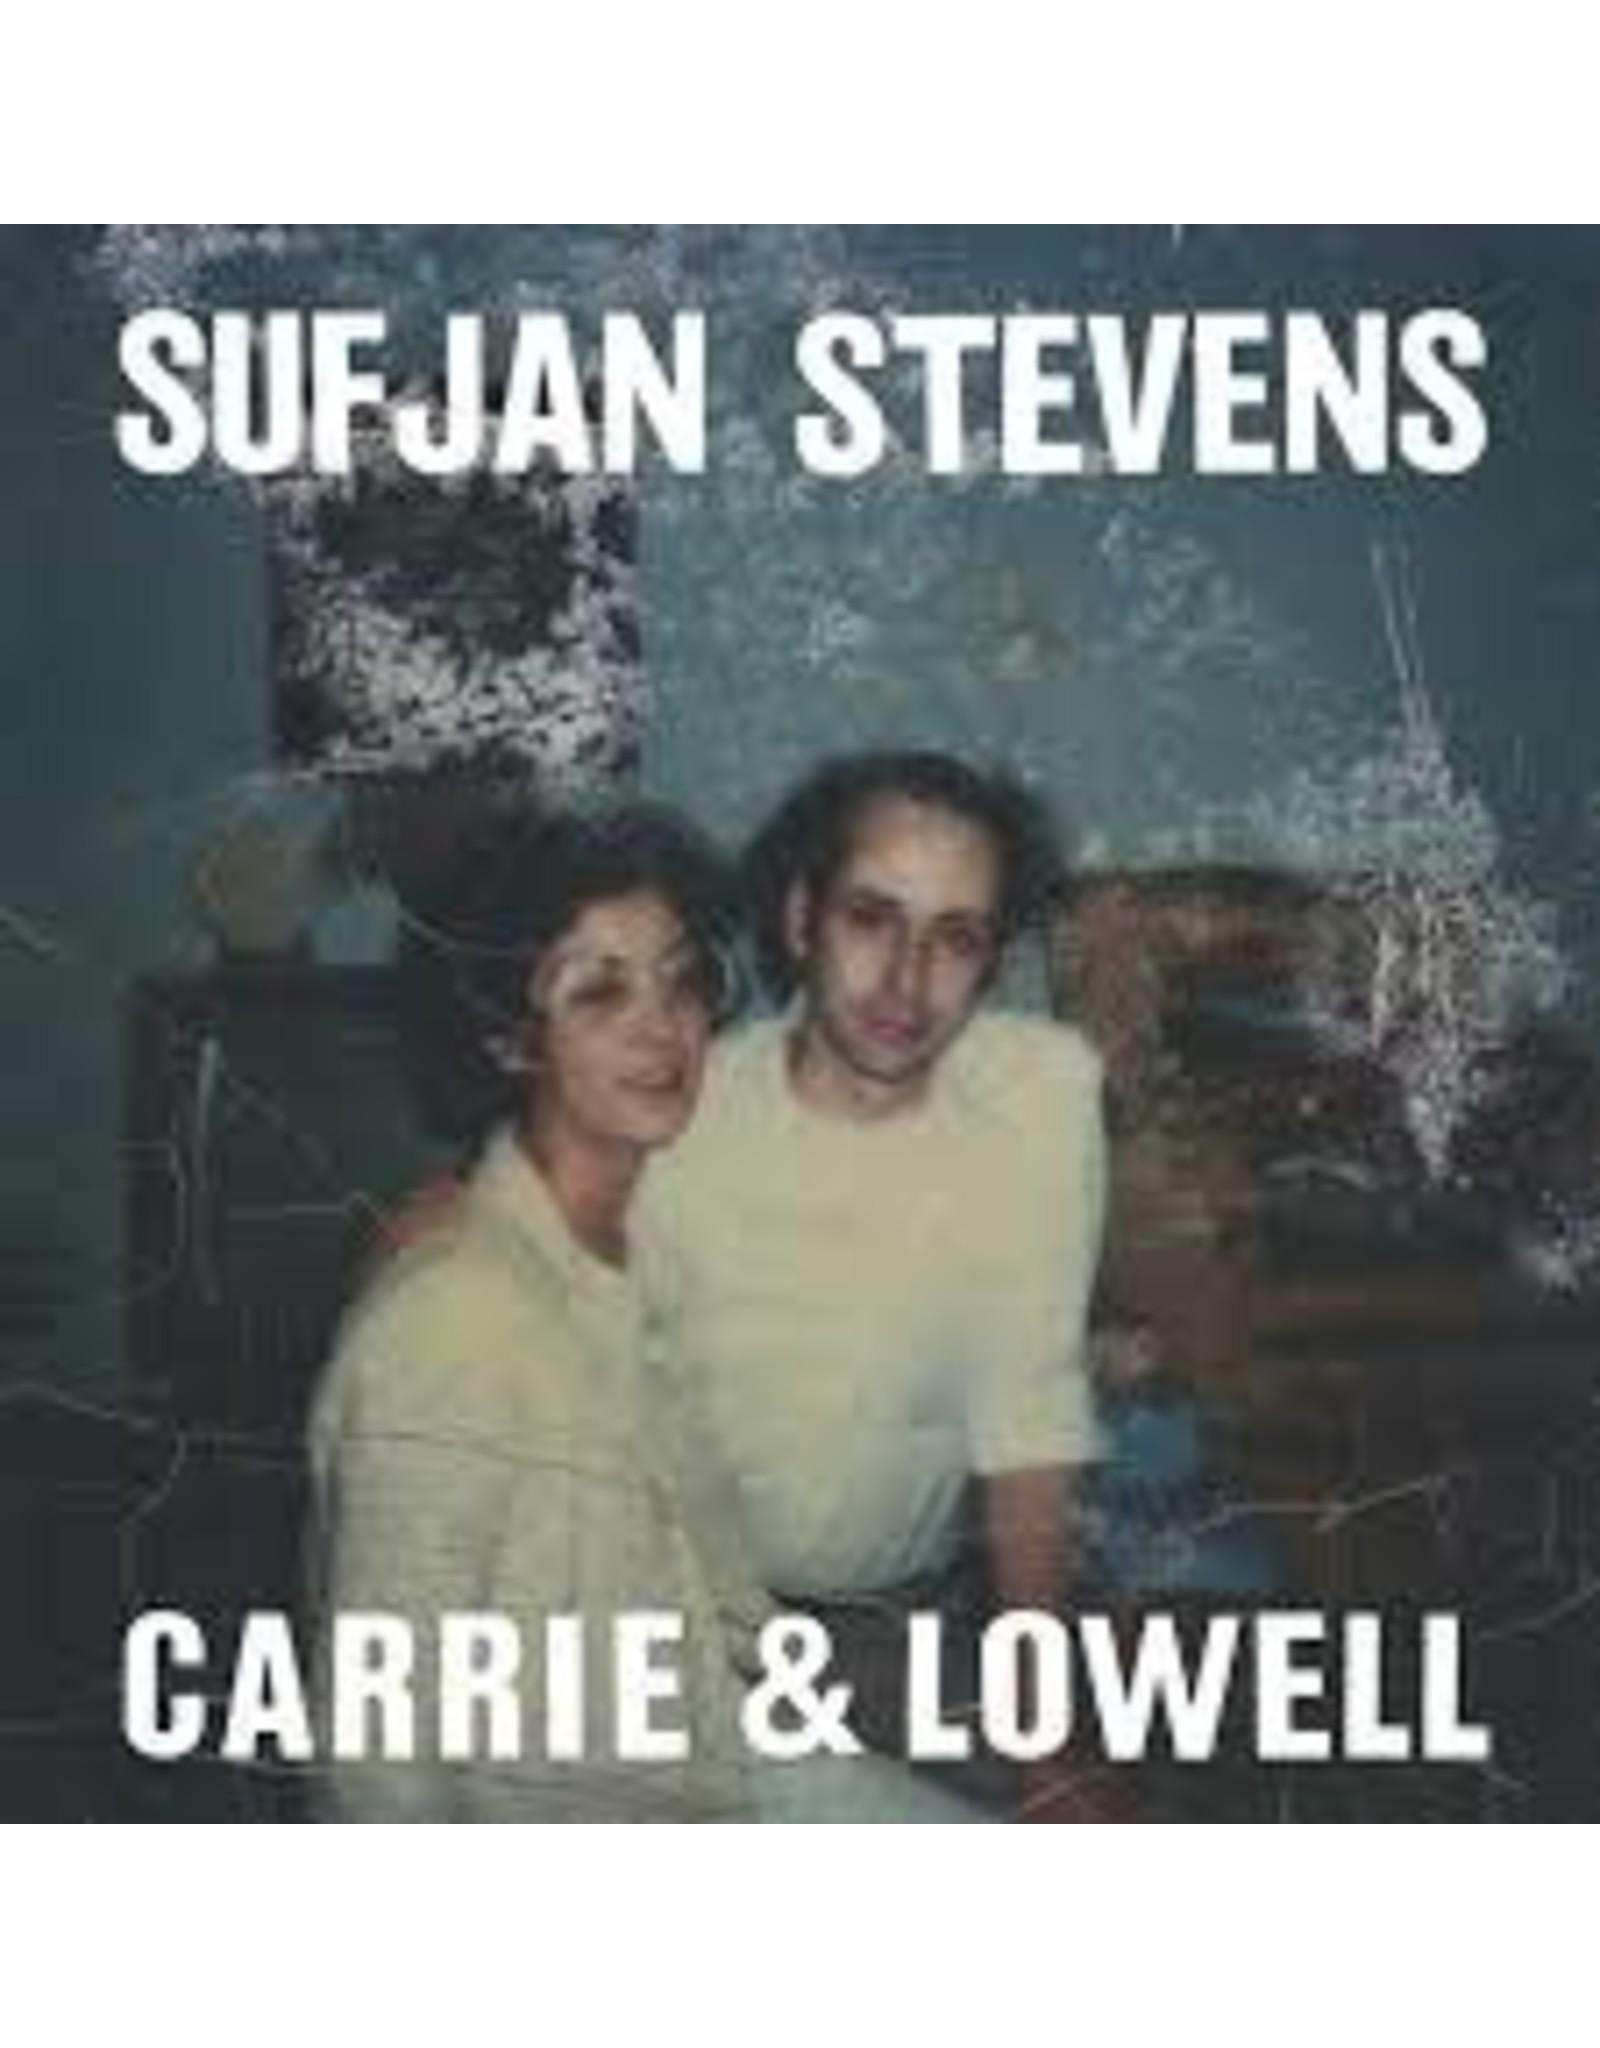 Vinyl Sufjan Stevens - Carrie & Lowell